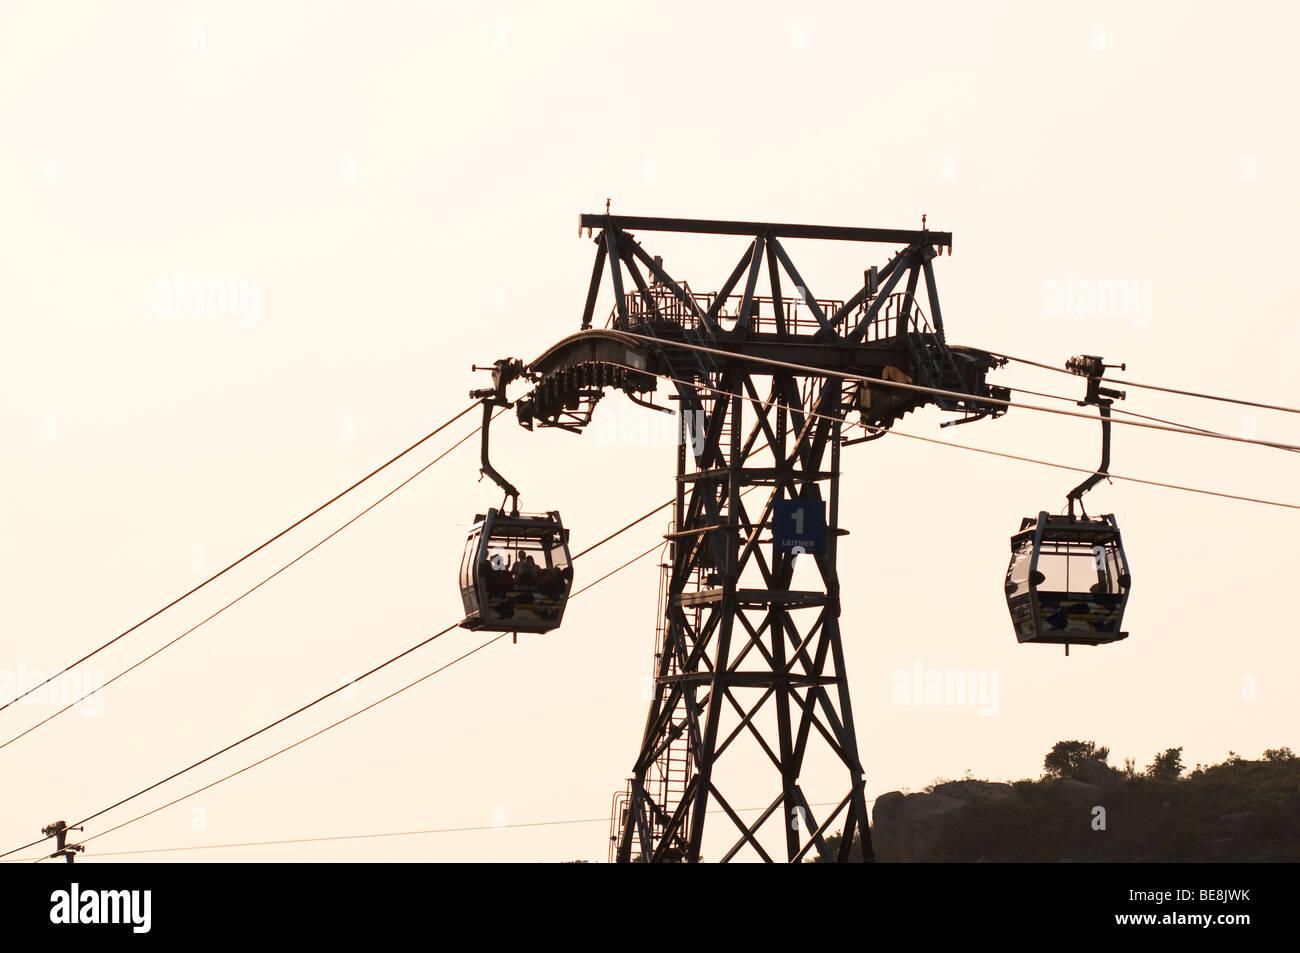 Ngong Ping Cable Car, Tung Chung, Lantau Island, Hong Kong - Stock Image